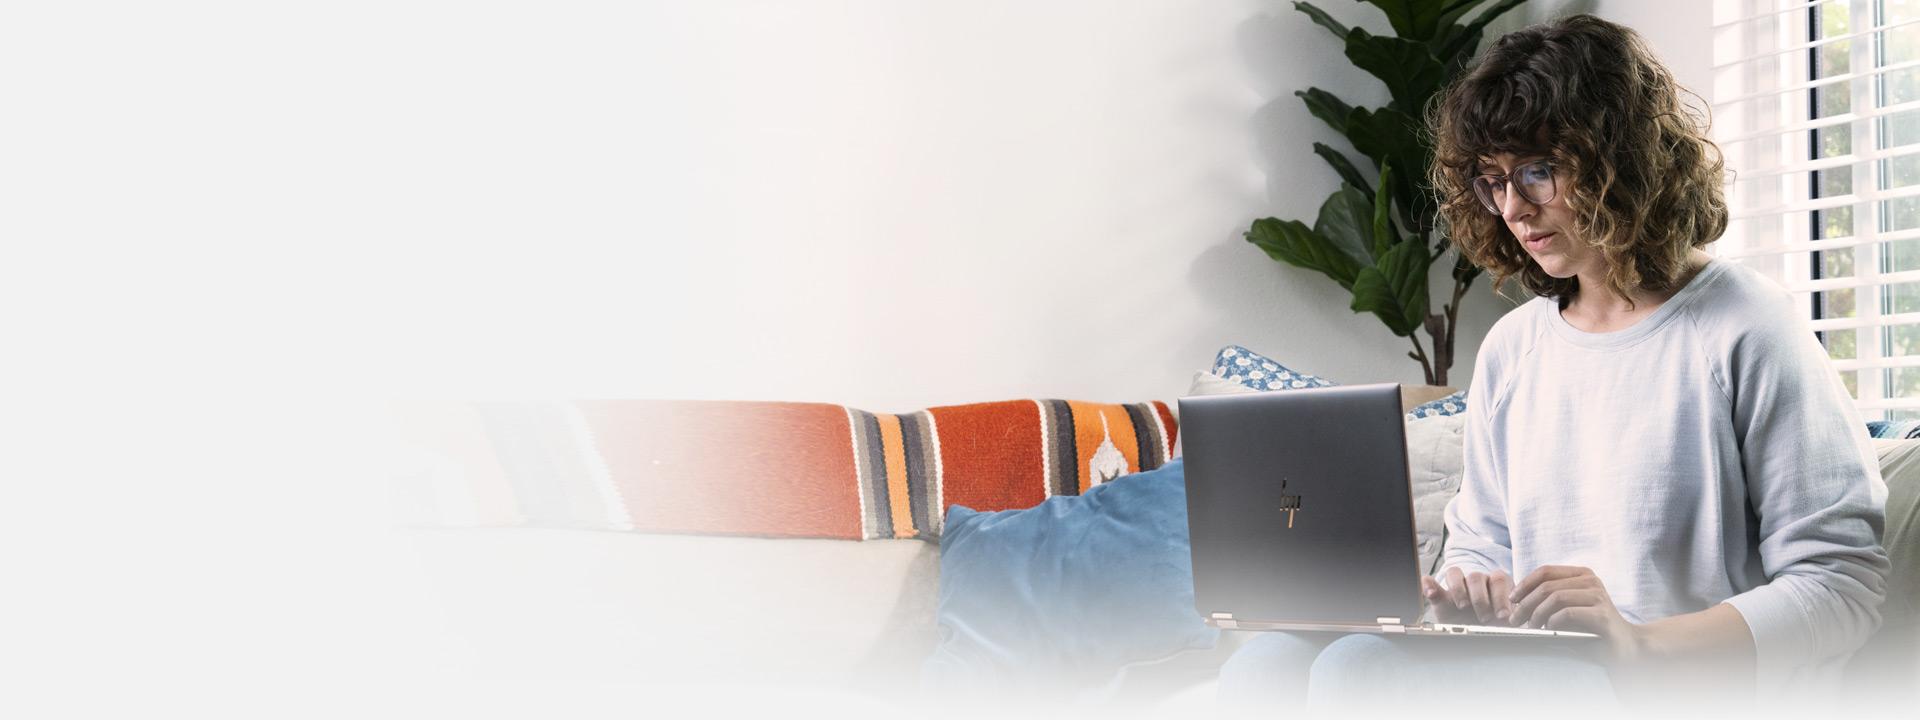 Kadın kanepede otururken dizüstü bilgisayarını kullanıyor